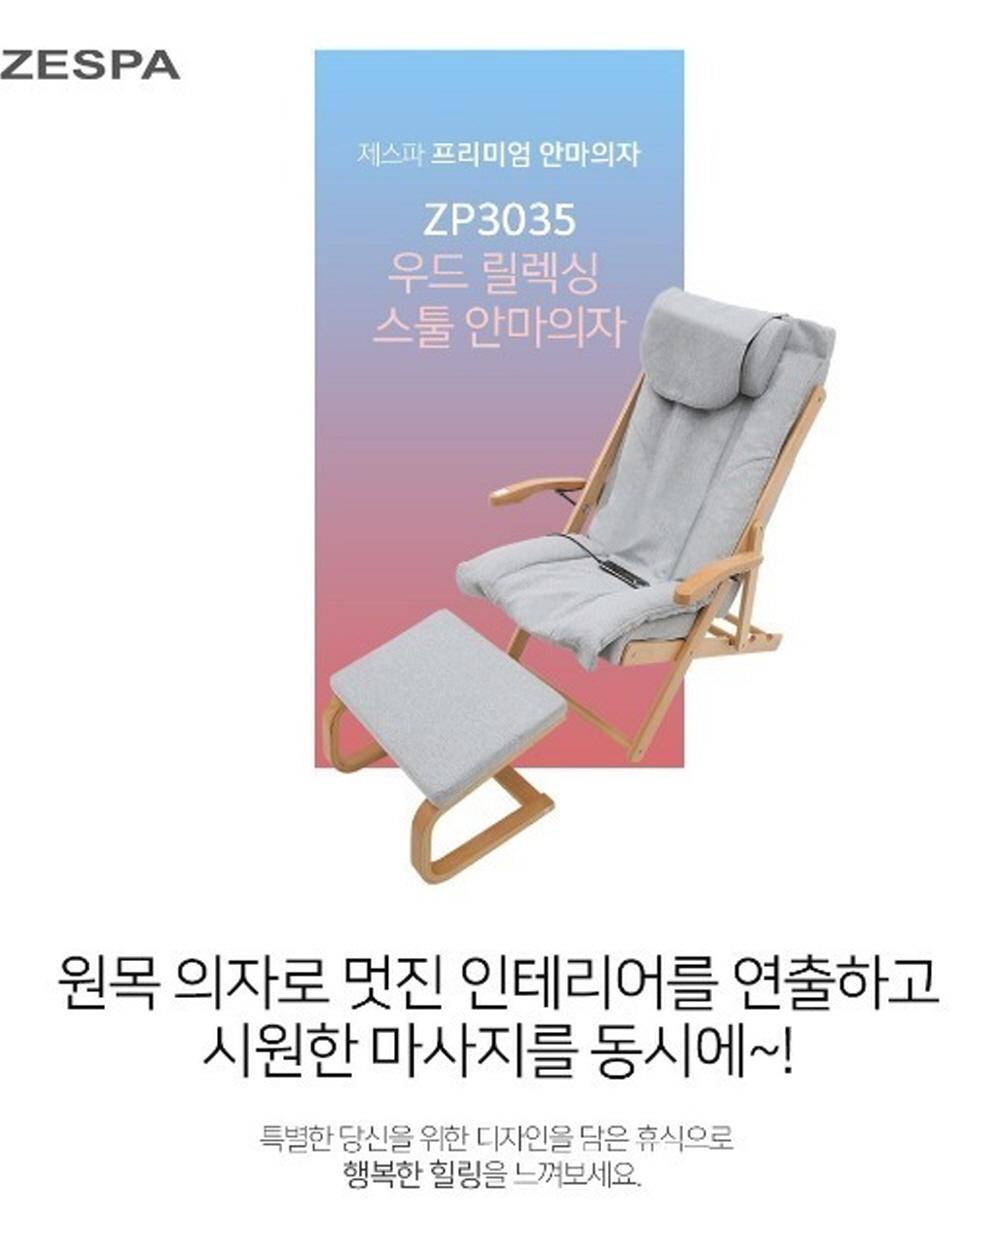 제스파 안마의자 마사지의자 의자안마기 쿠션의자 전동의자 어깨마사지기 어깨안마기 목마사지기 목안마기 ZP3035